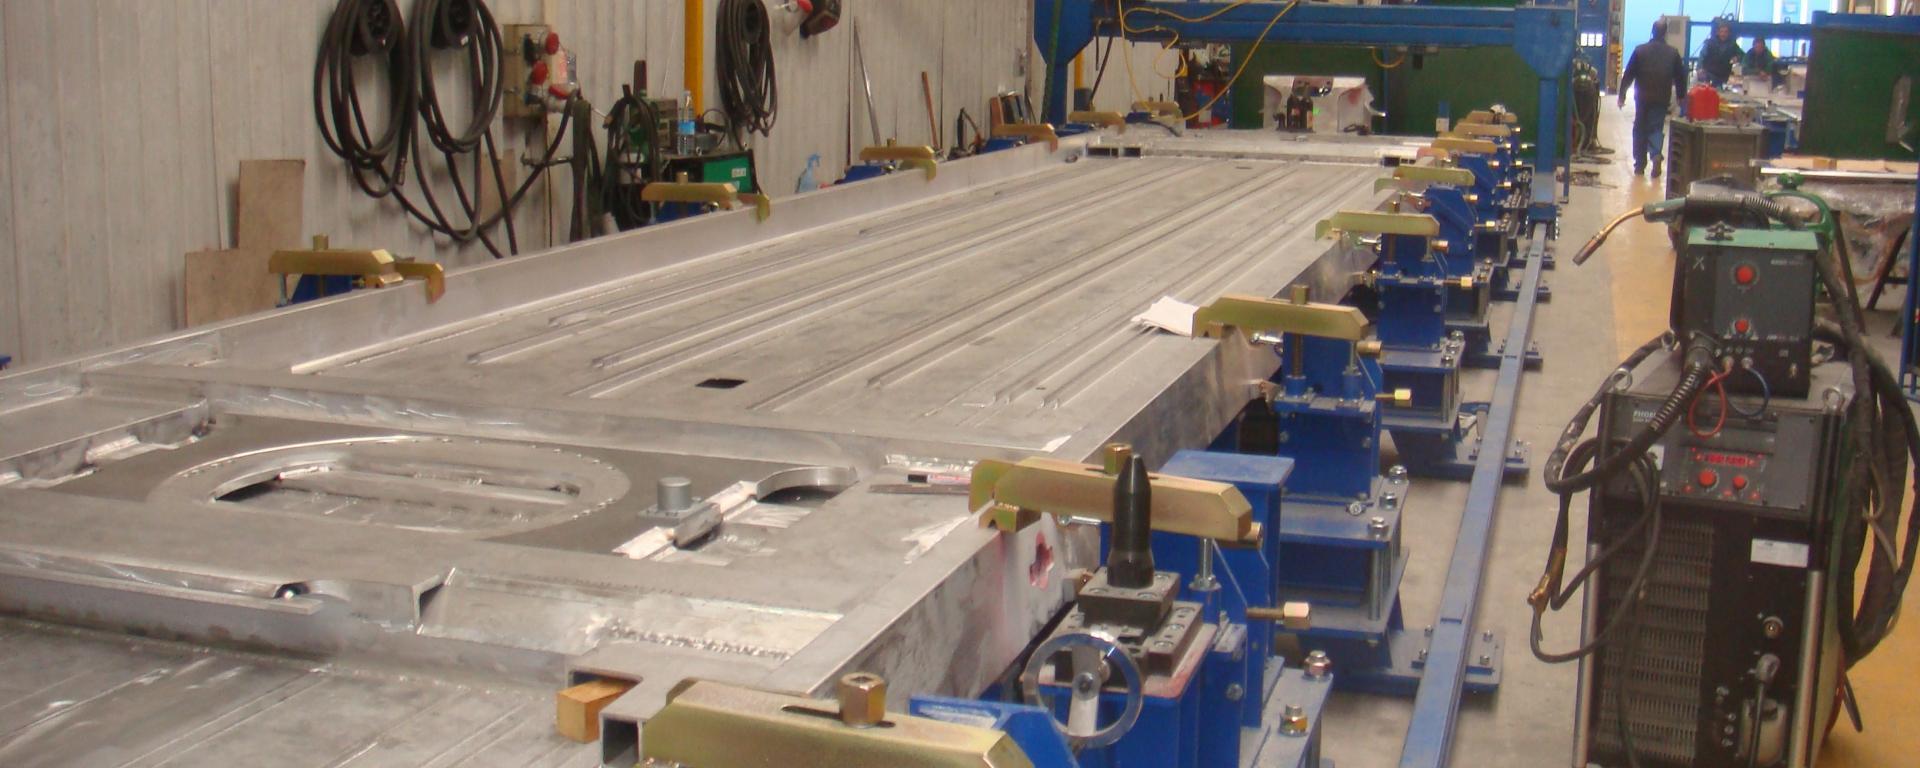 Monitorización de Fabricación y Puesta en Servicio de Trenes de AVE